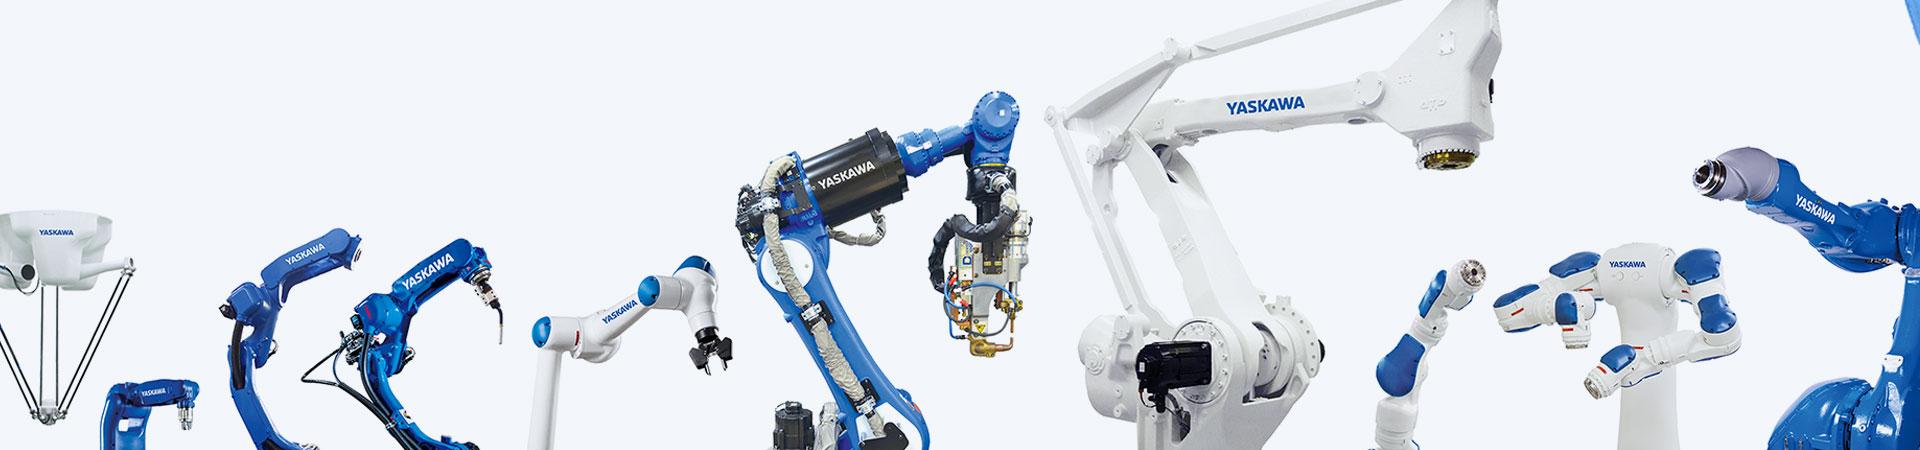 land-header-robots-3.jpg